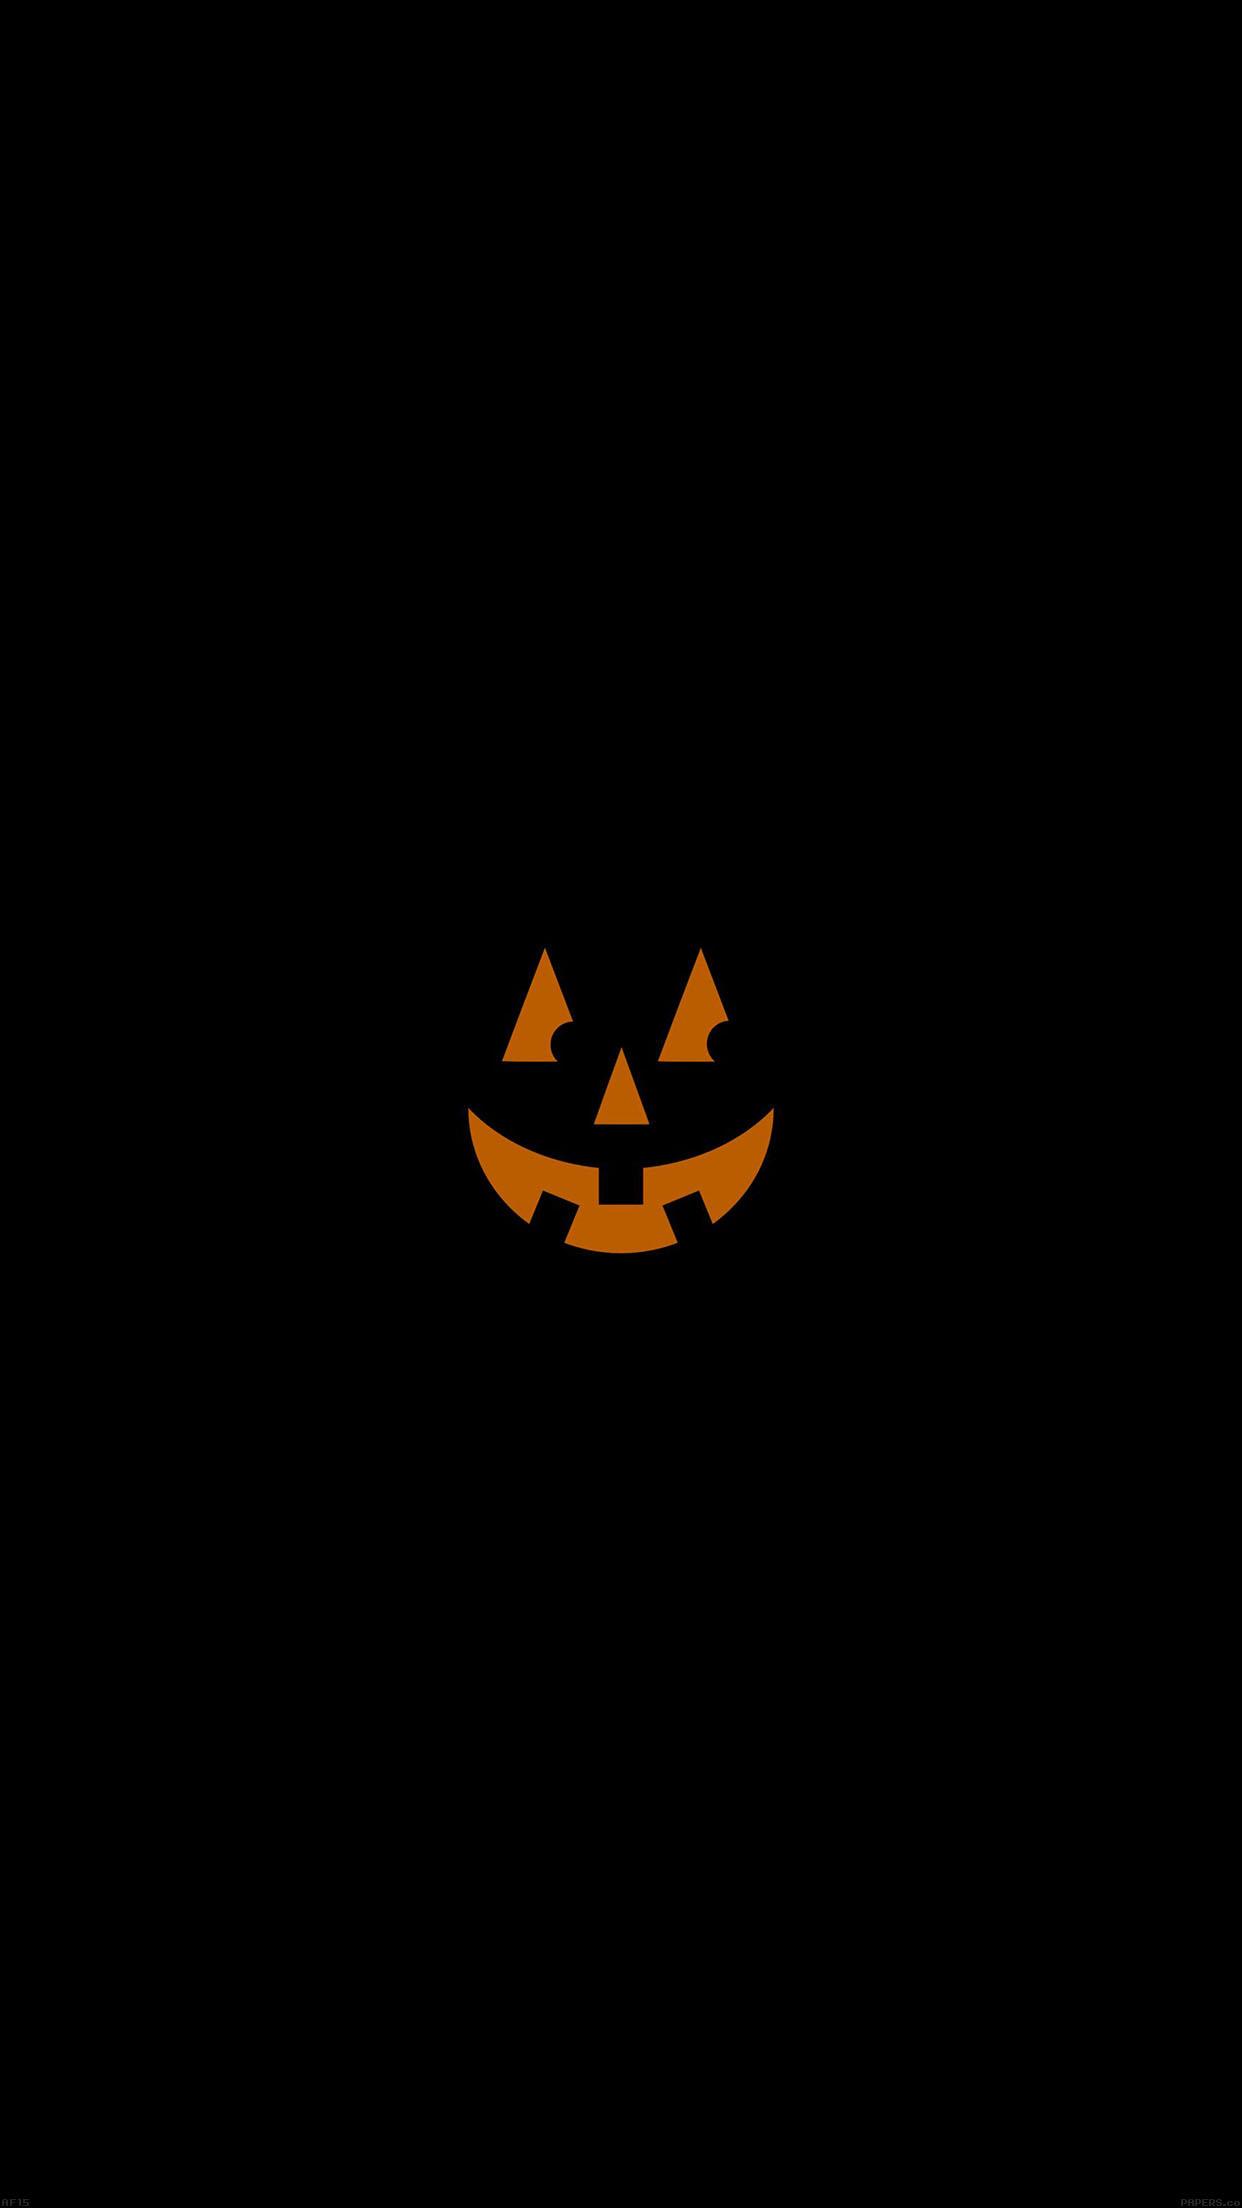 Iphone6papers Af15 Pumpkin Smile Halloween Minimal